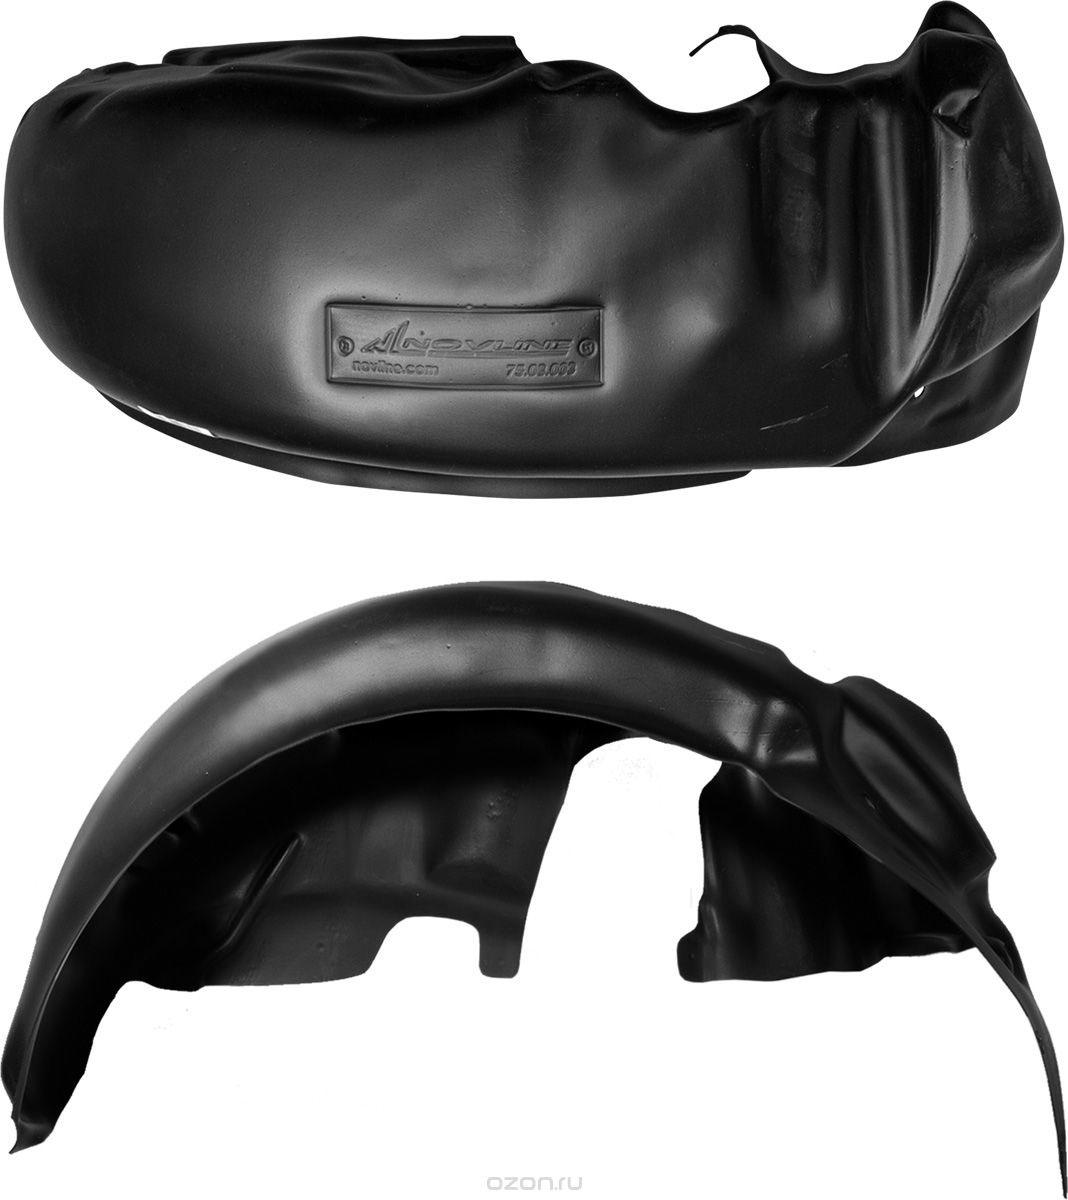 Подкрылок Novline-Autofamily, для Nissan Qashqai, 2014-2015, J11, импортная сборка, задний правыйNLL.36.46.004Идеальная защита колесной ниши. Локеры разработаны с применением цифровых технологий, гарантируют максимальную повторяемость поверхности арки. Изделия устанавливаются без нарушения лакокрасочного покрытия автомобиля, каждый подкрылок комплектуется крепежом. Уважаемые клиенты, обращаем ваше внимание, что фотографии на подкрылки универсальные и не отражают реальную форму изделия. При этом само изделие идет точно под размер указанного автомобиля.